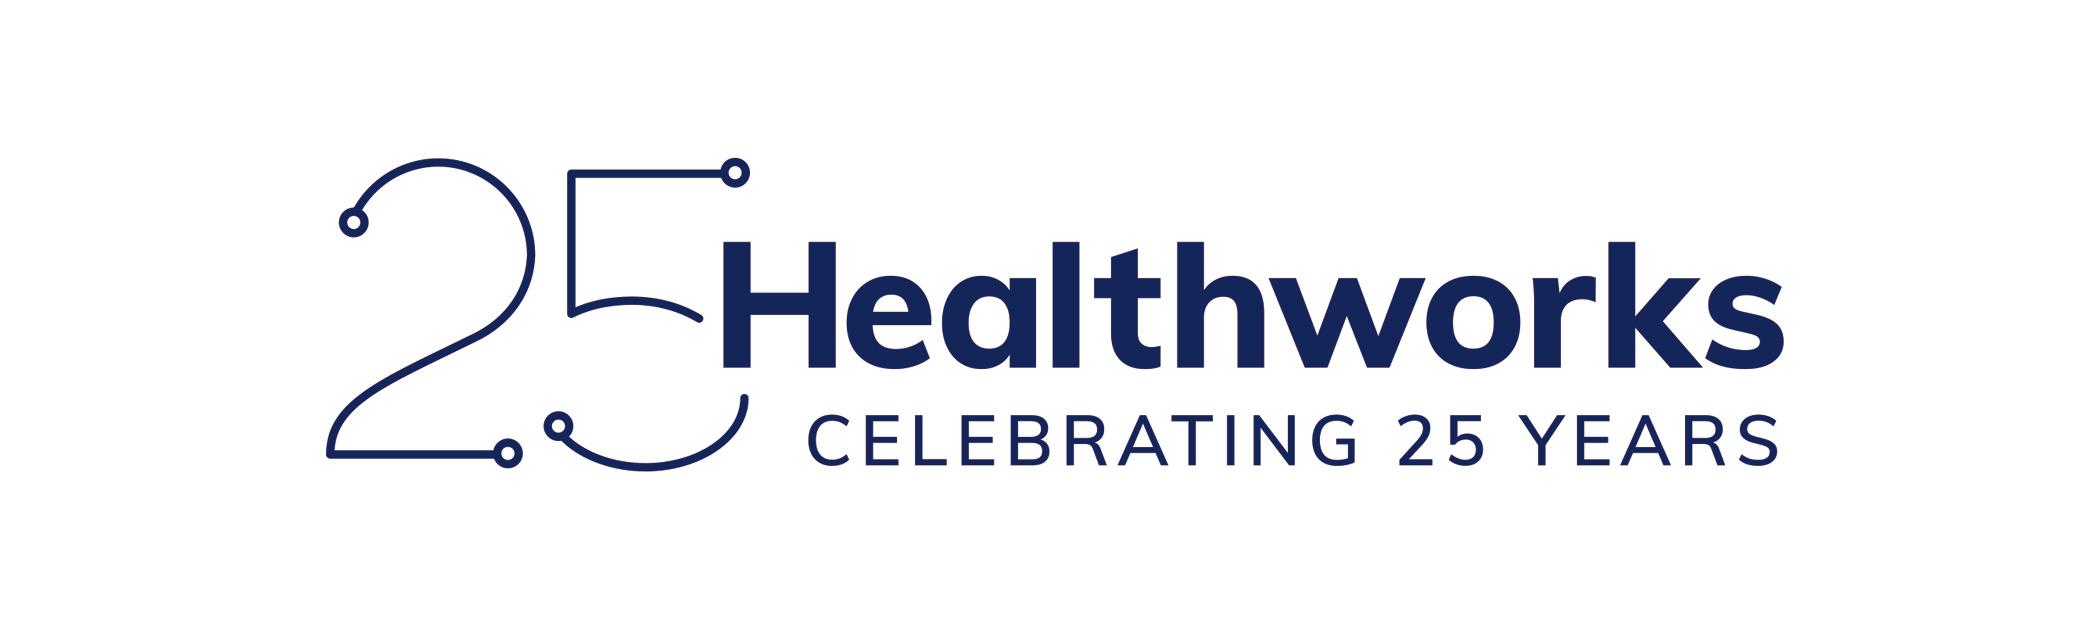 Healthworks - Celebrating 25 Years logo